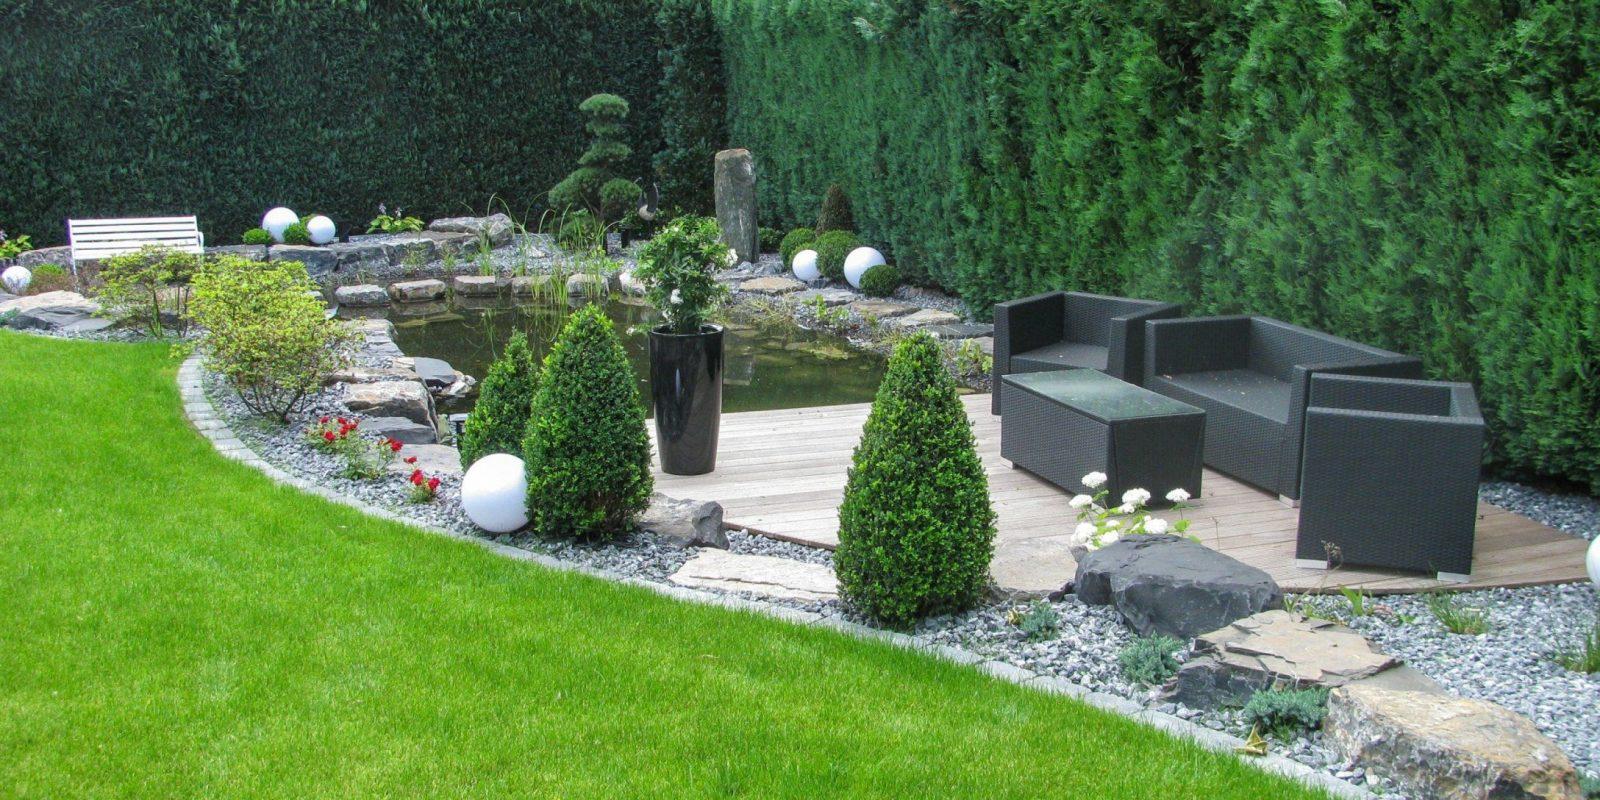 Wunderbar Gartengestaltung Mit Kies Und Gräsern Fotos Die Mit von Gartengestaltung Mit Kies Und Gräsern Photo